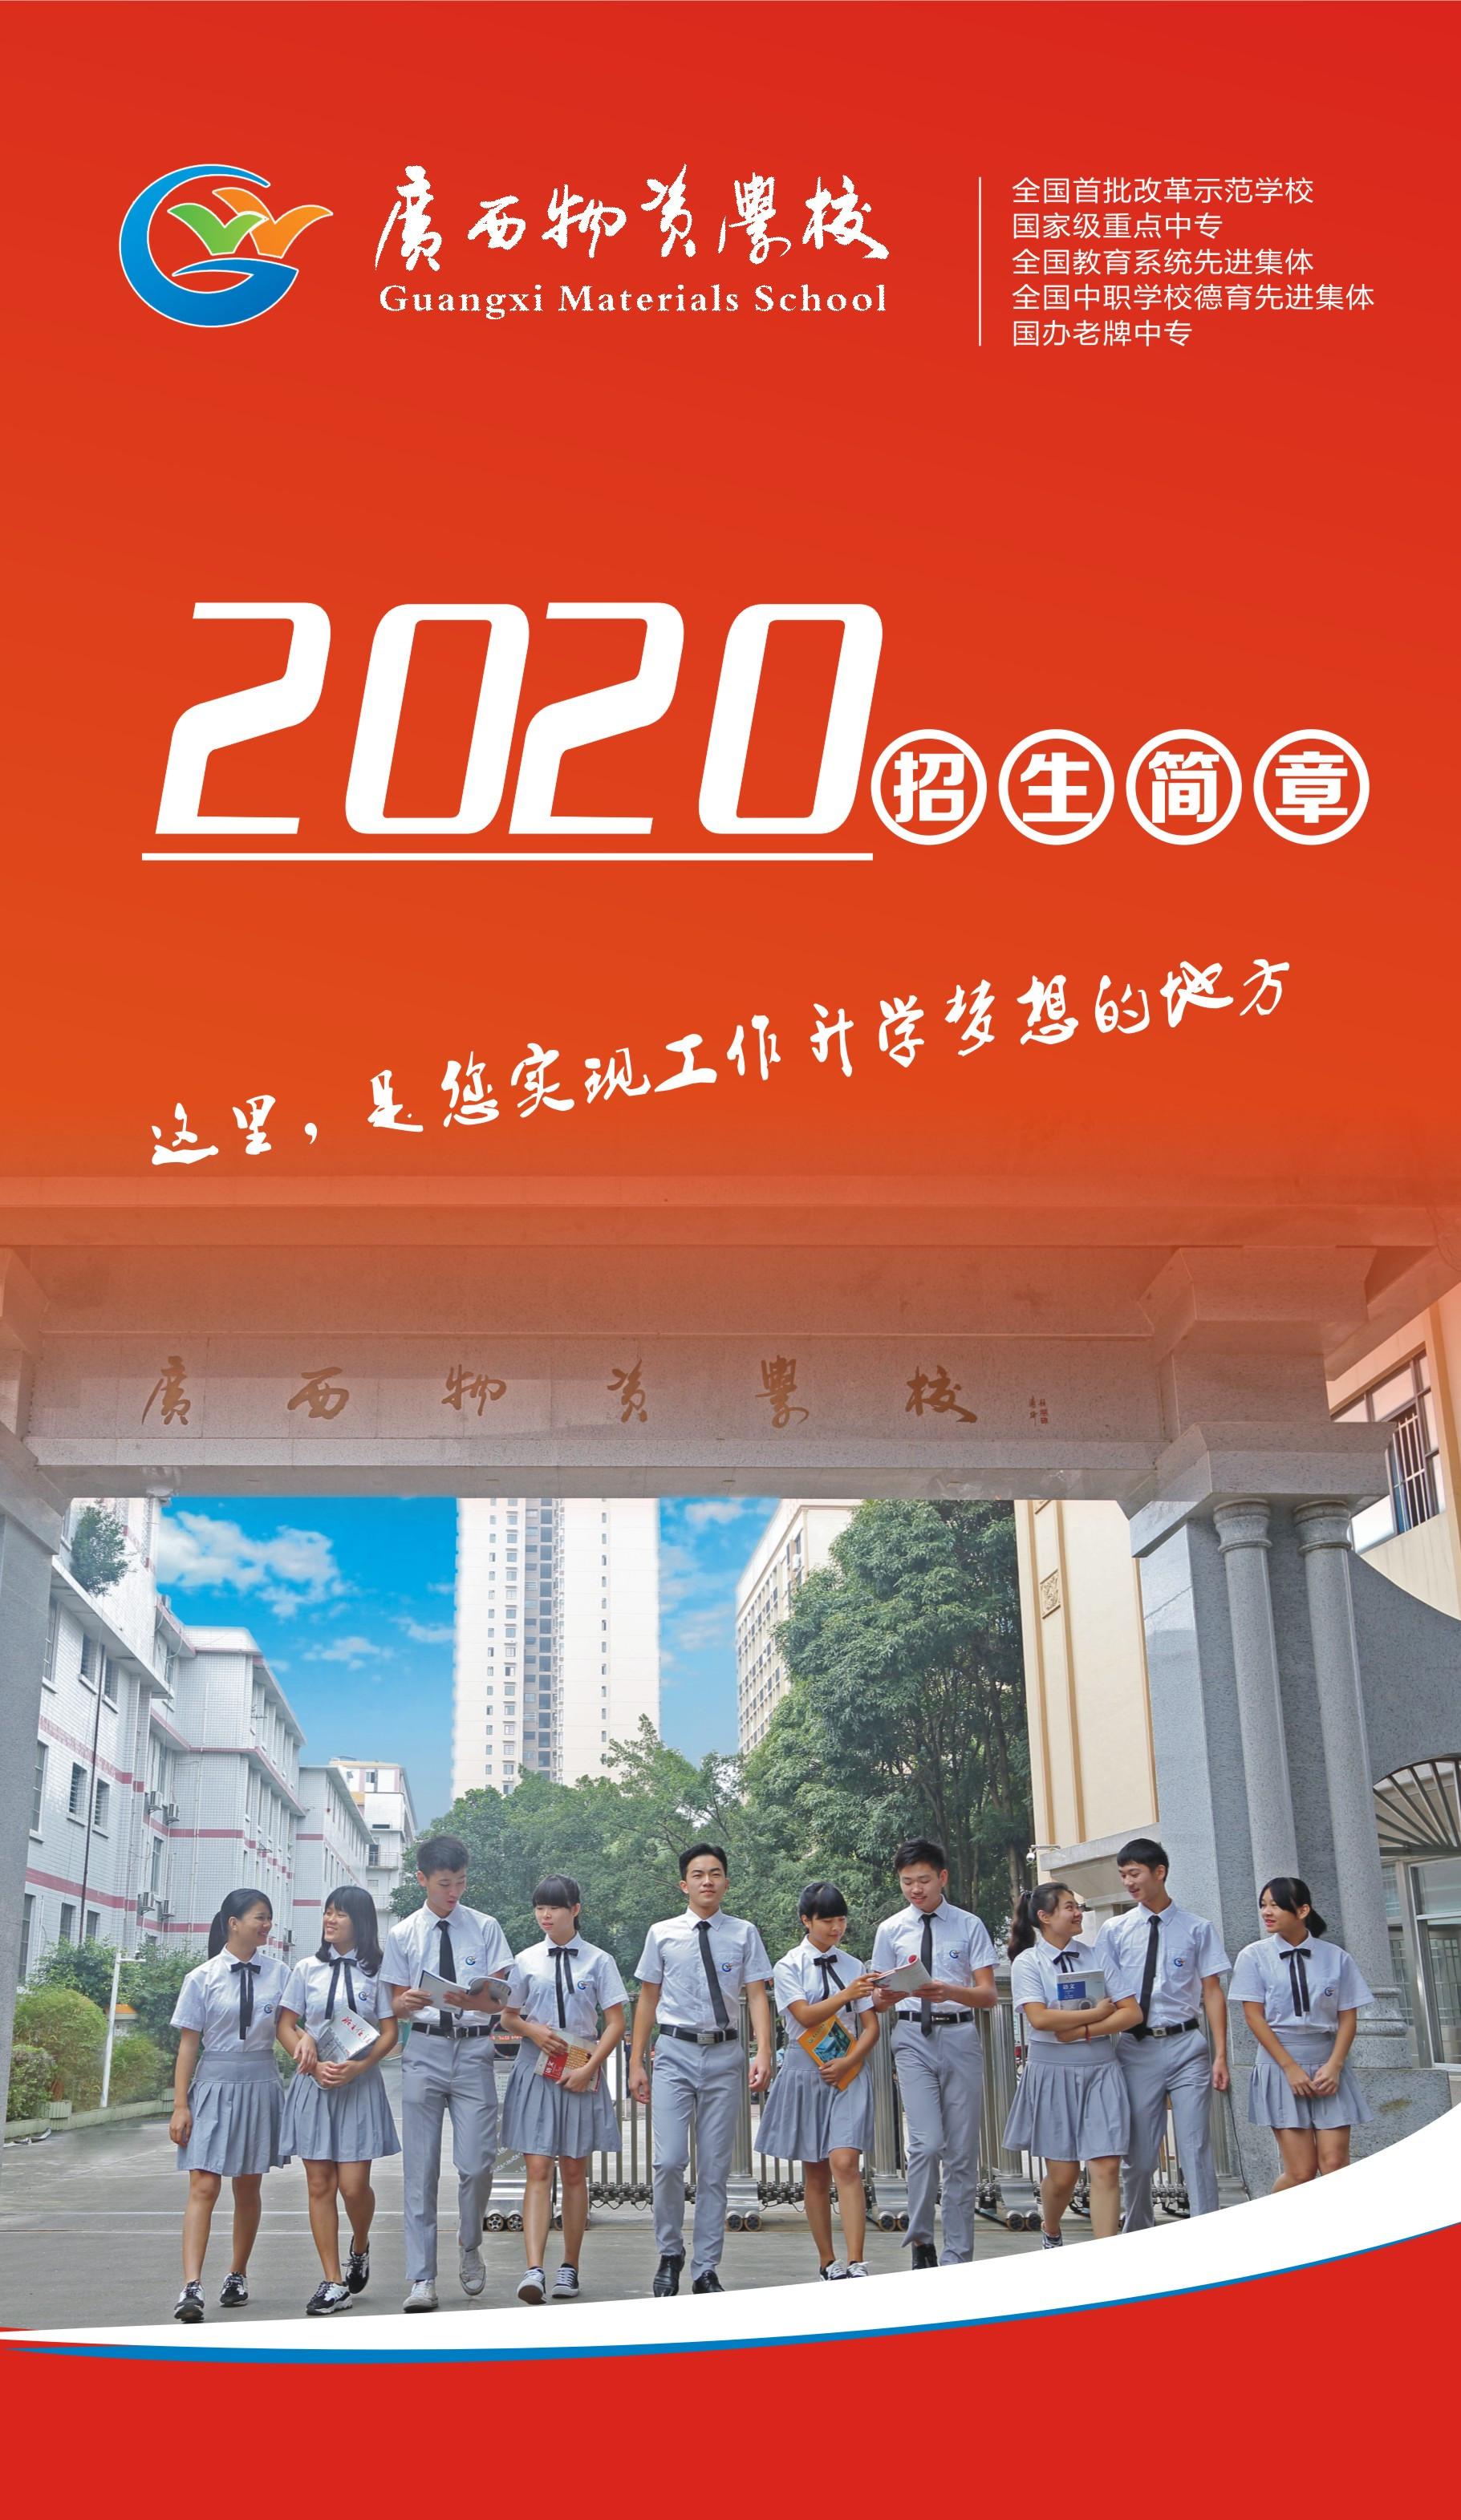 廣西物資學校2020年招生簡章